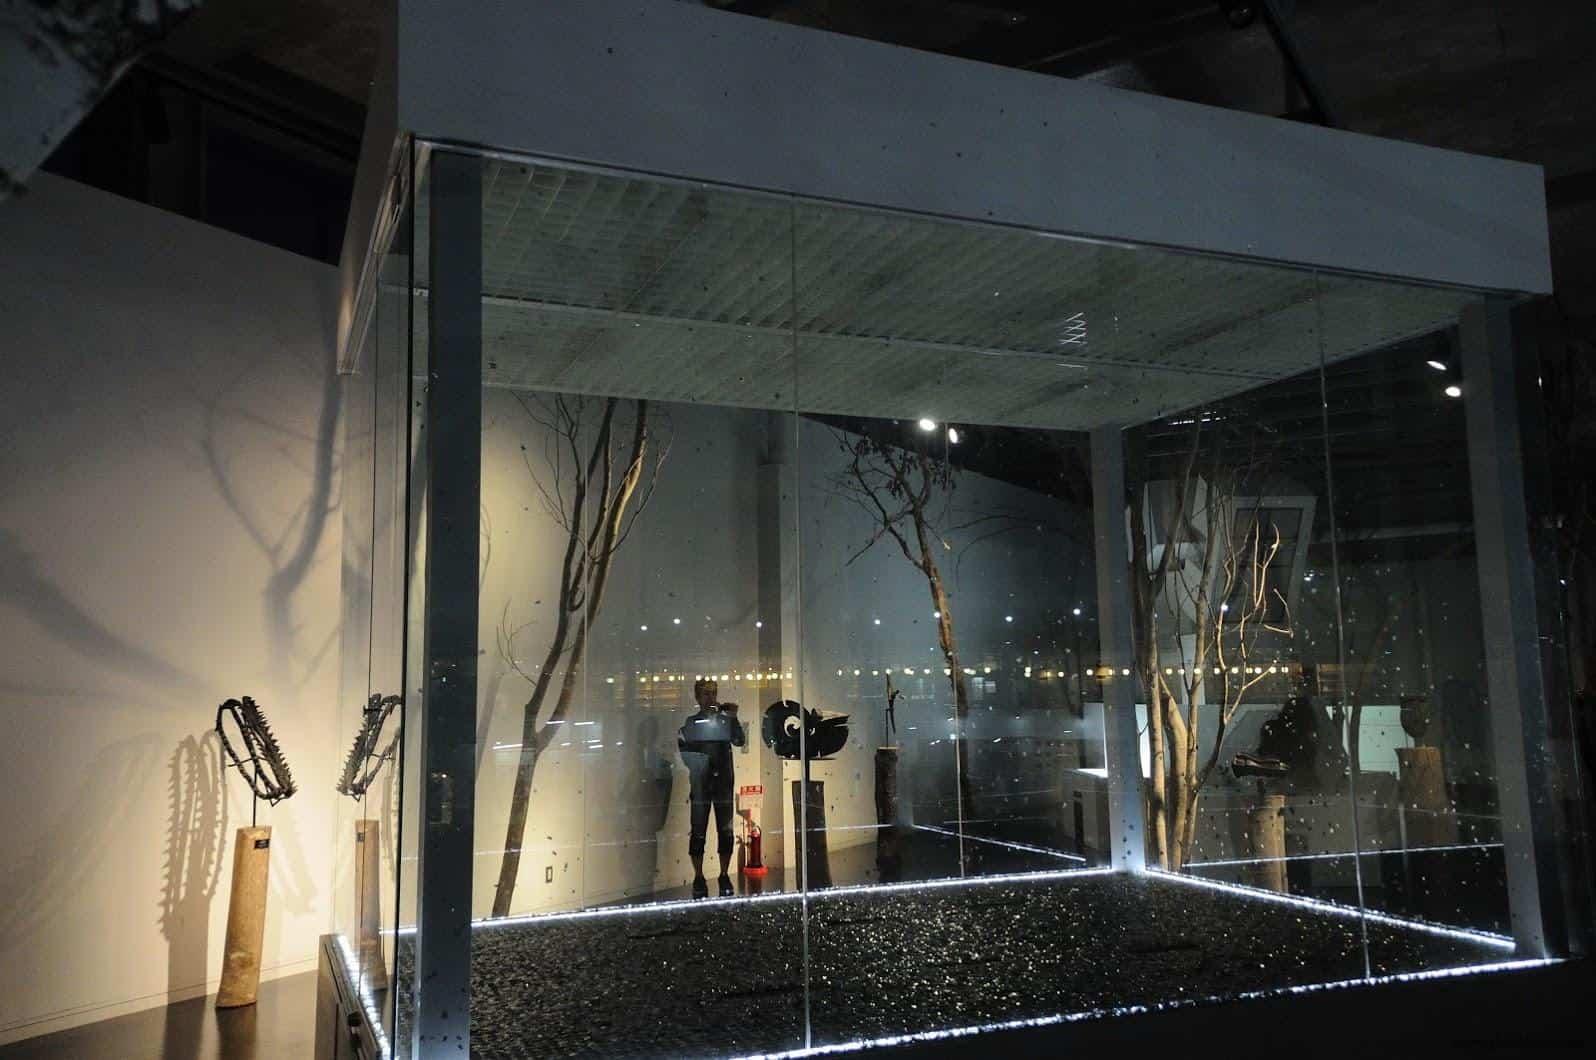 原廣司+ATELIER建築研究所,越後妻有里山現代美術館,古巴藝術家Carlos Garaicoa(カルロス・ガライコア)的作品《浮遊》,在玻璃箱內紙屑被風吹起時所形成空間分子擾動有趣的視覺景象 越後妻有里山現代美術館 越後妻有里山現代美術館 echigo tsumari kouryukan echigo tsumari exchange center 27 28